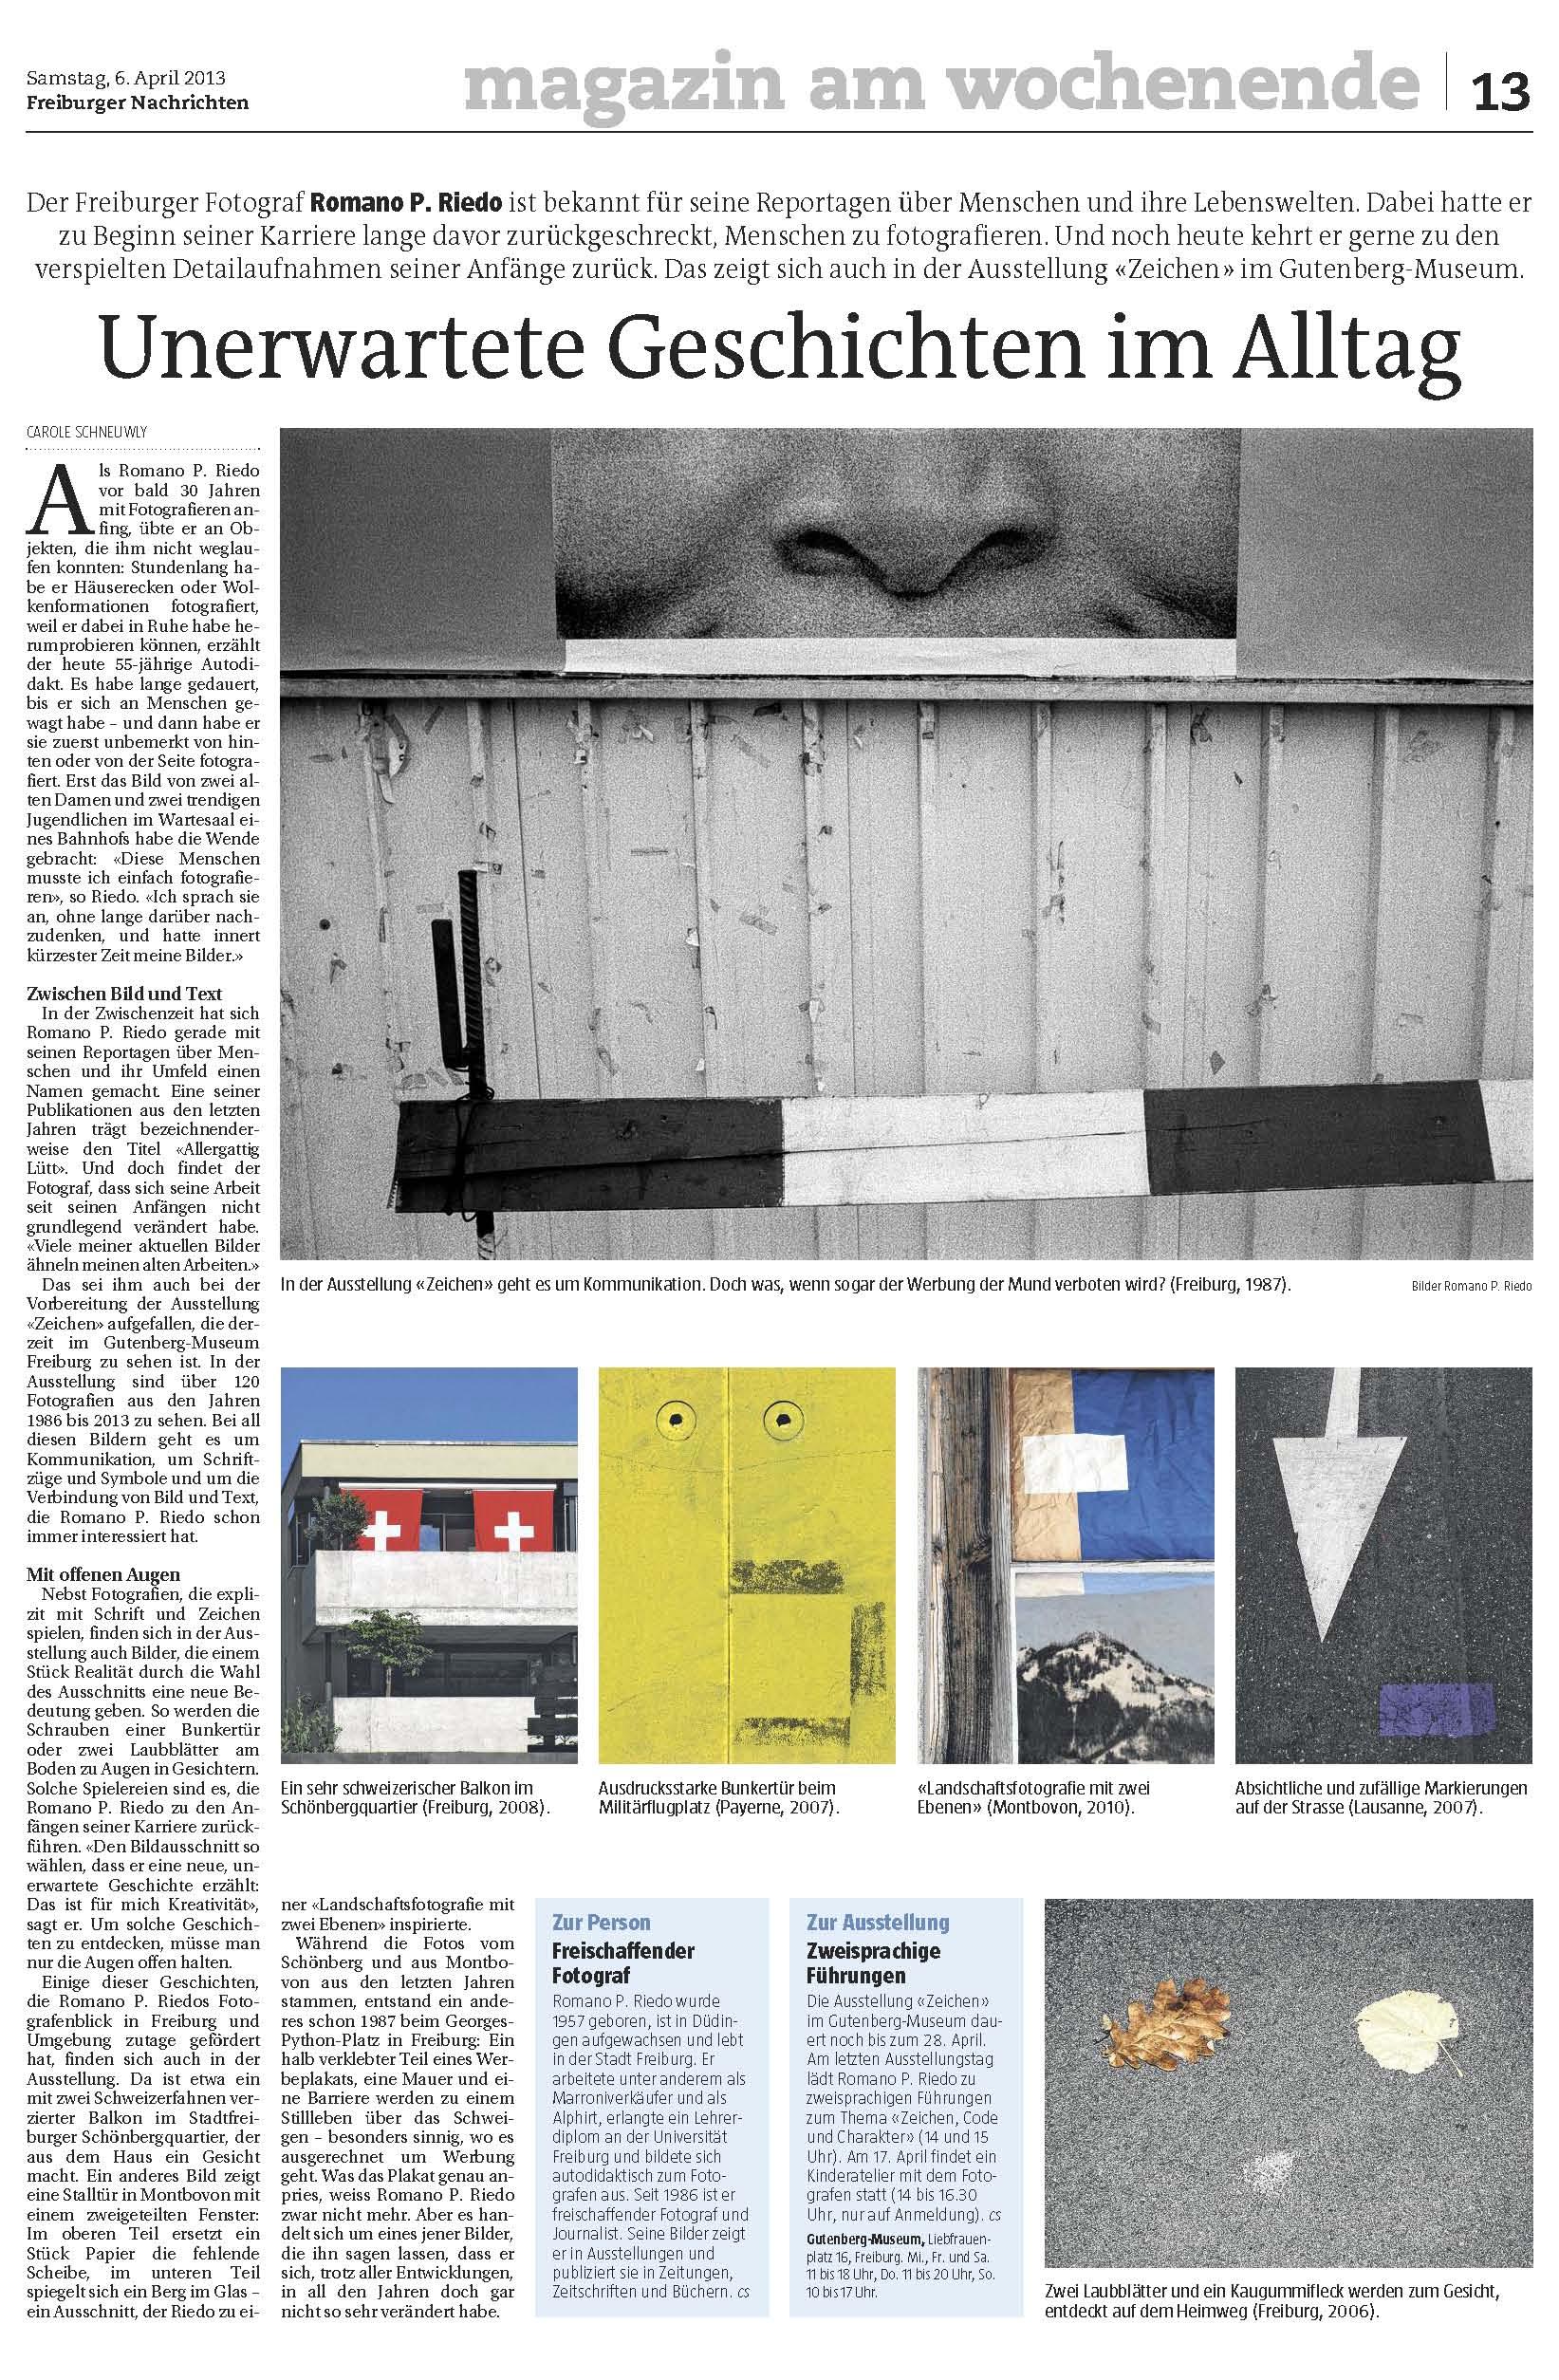 http://romanoriedo.ch/files/gimgs/16_romano-riedo-fotoausstellung-zeichen-fn-20130406.jpg